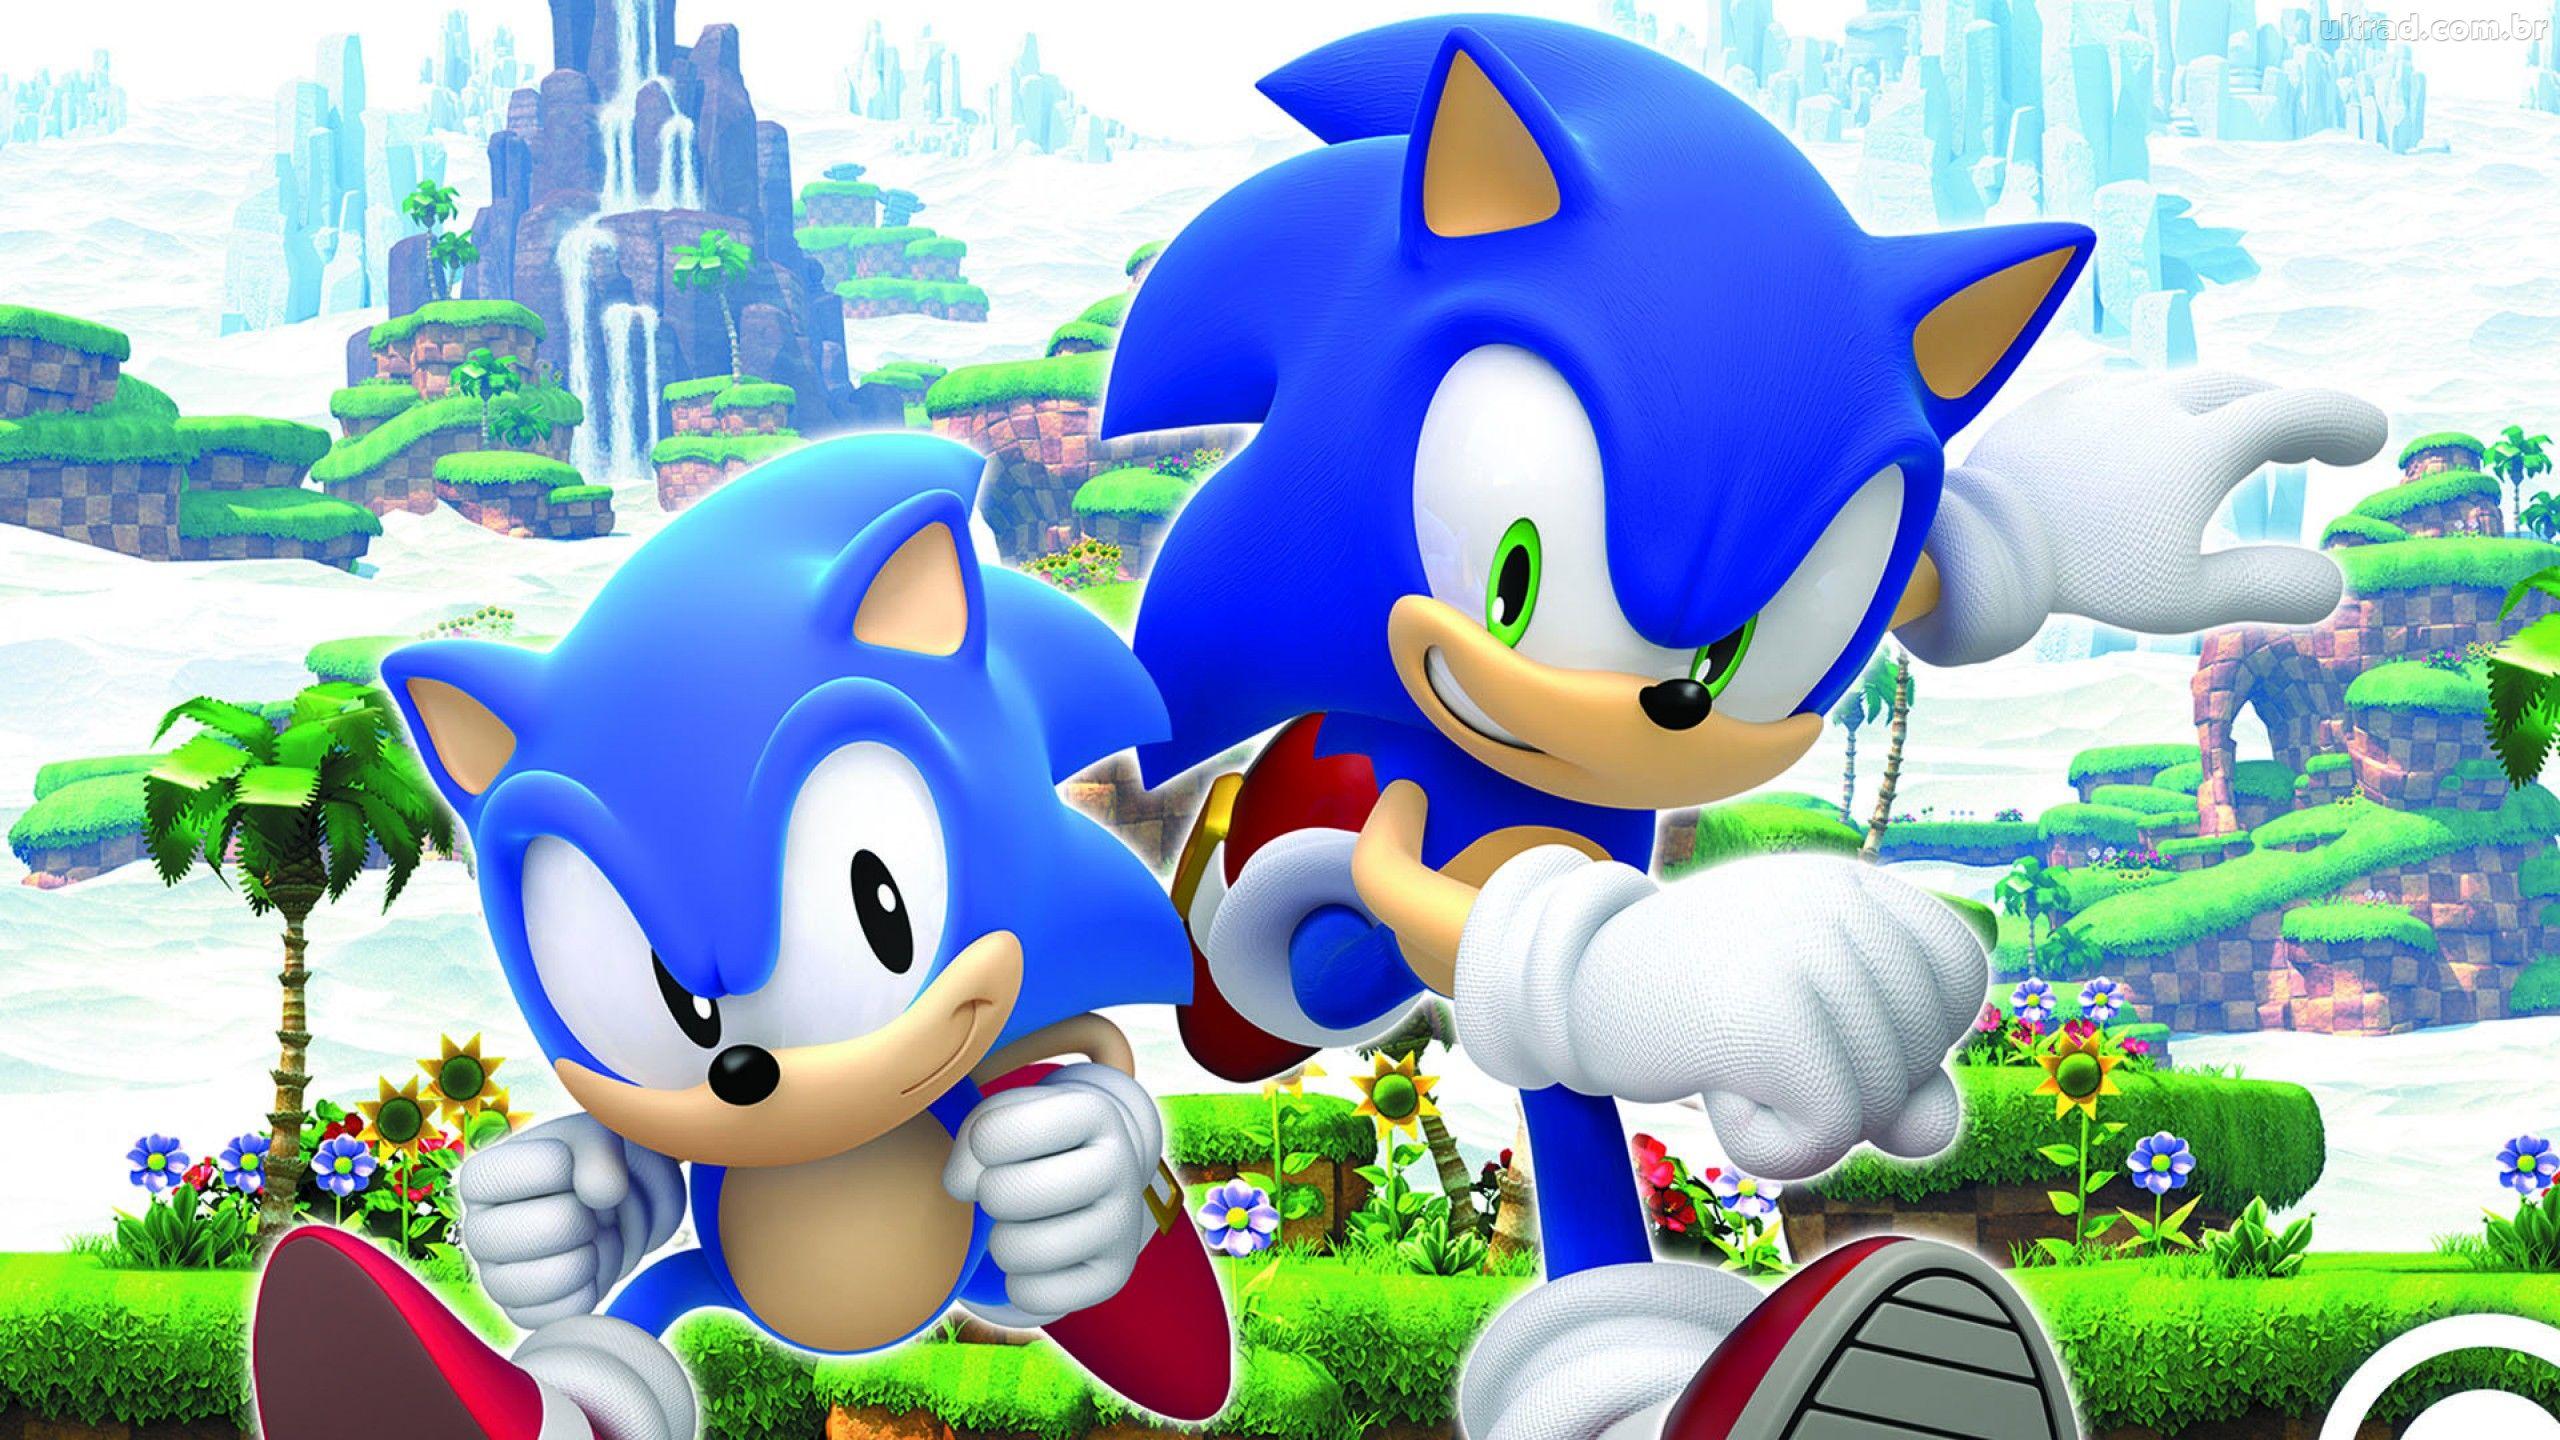 Sonic Generations Wallpaper Hd Wallpapersafari